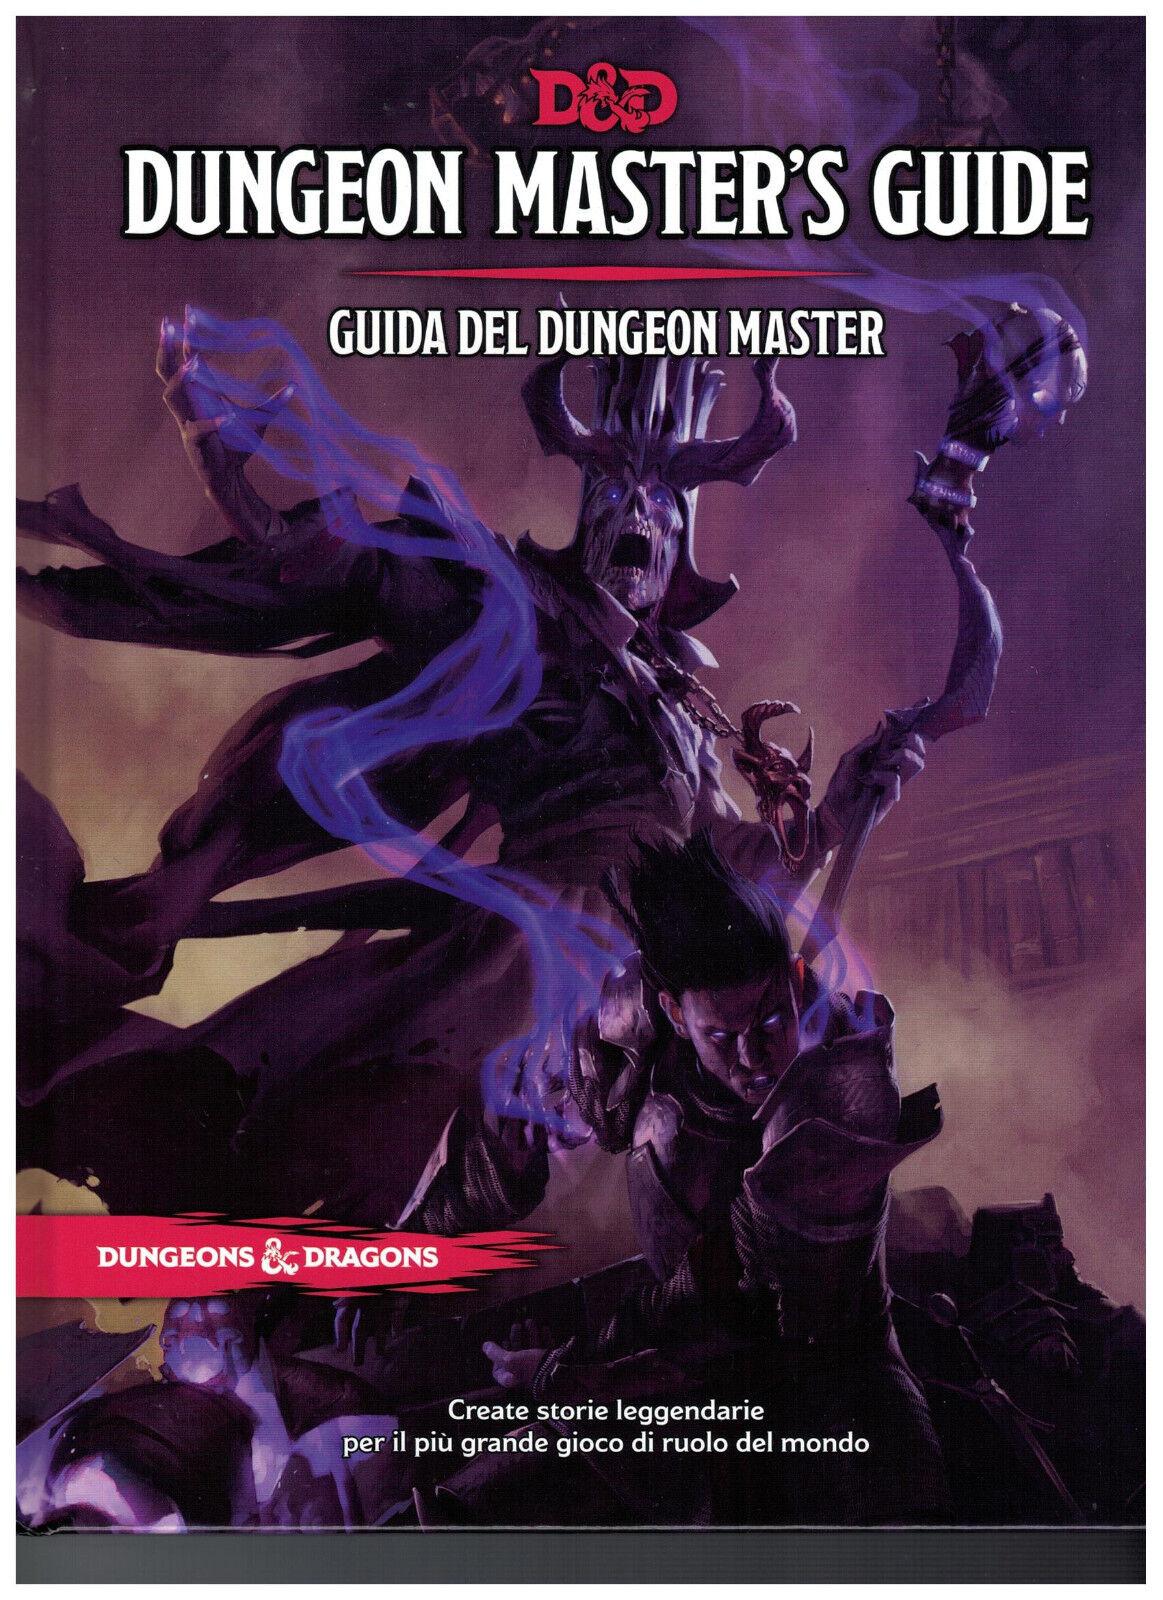 D&D Dungeon Master's Guide - Manuale Guida del Master - Quinta Edizione 5a ITA